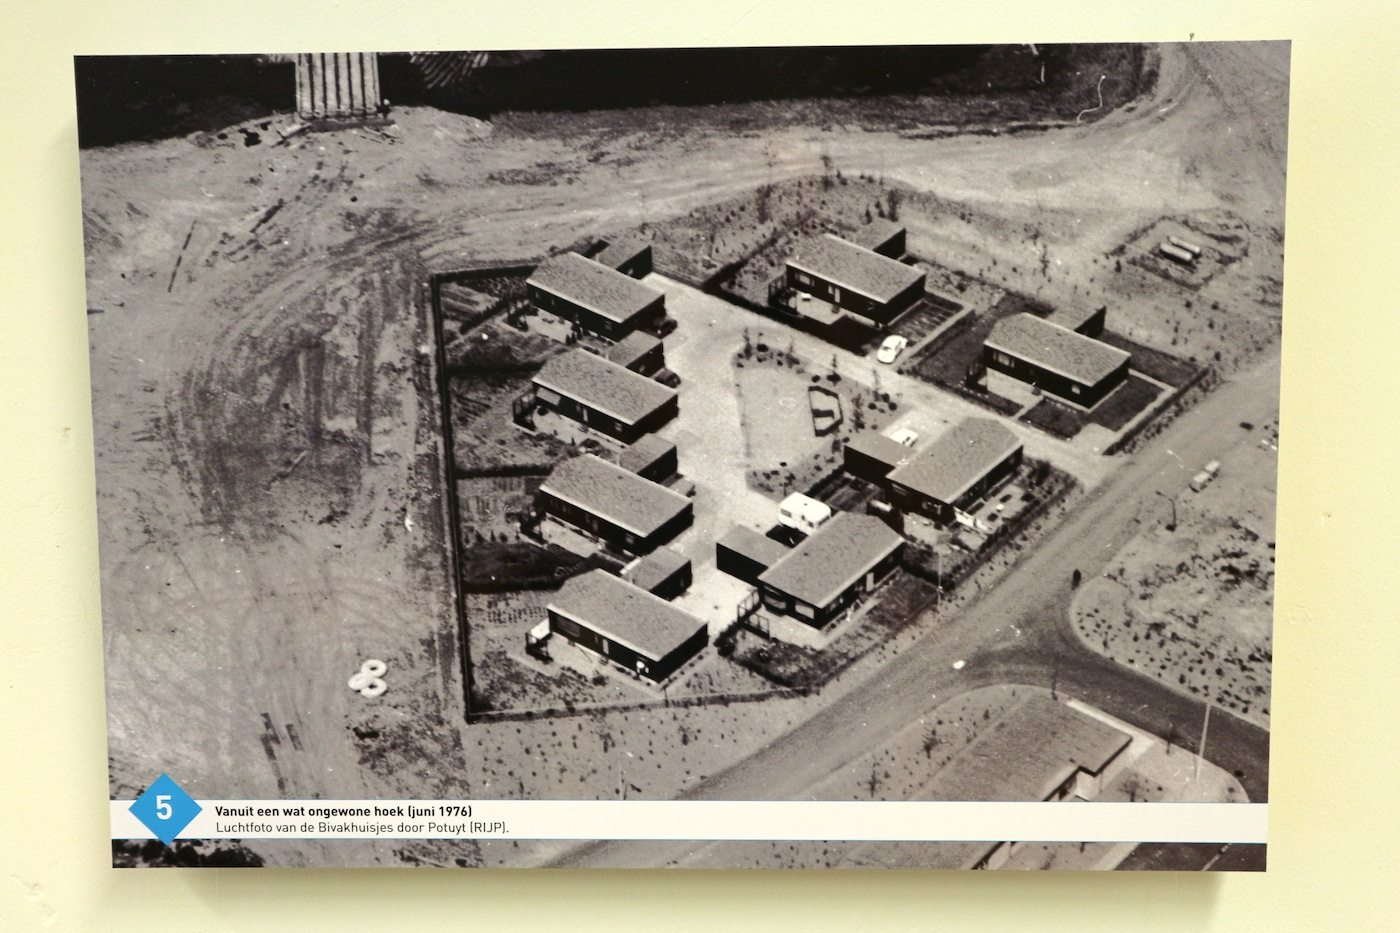 Der Beginn.  Luftaufnahme des späteren Stadtteils Schoolwerf mit den ersten Bauten in Almere Haven, zu sehen im Green story-Café. Architekt: Joop van Stigt